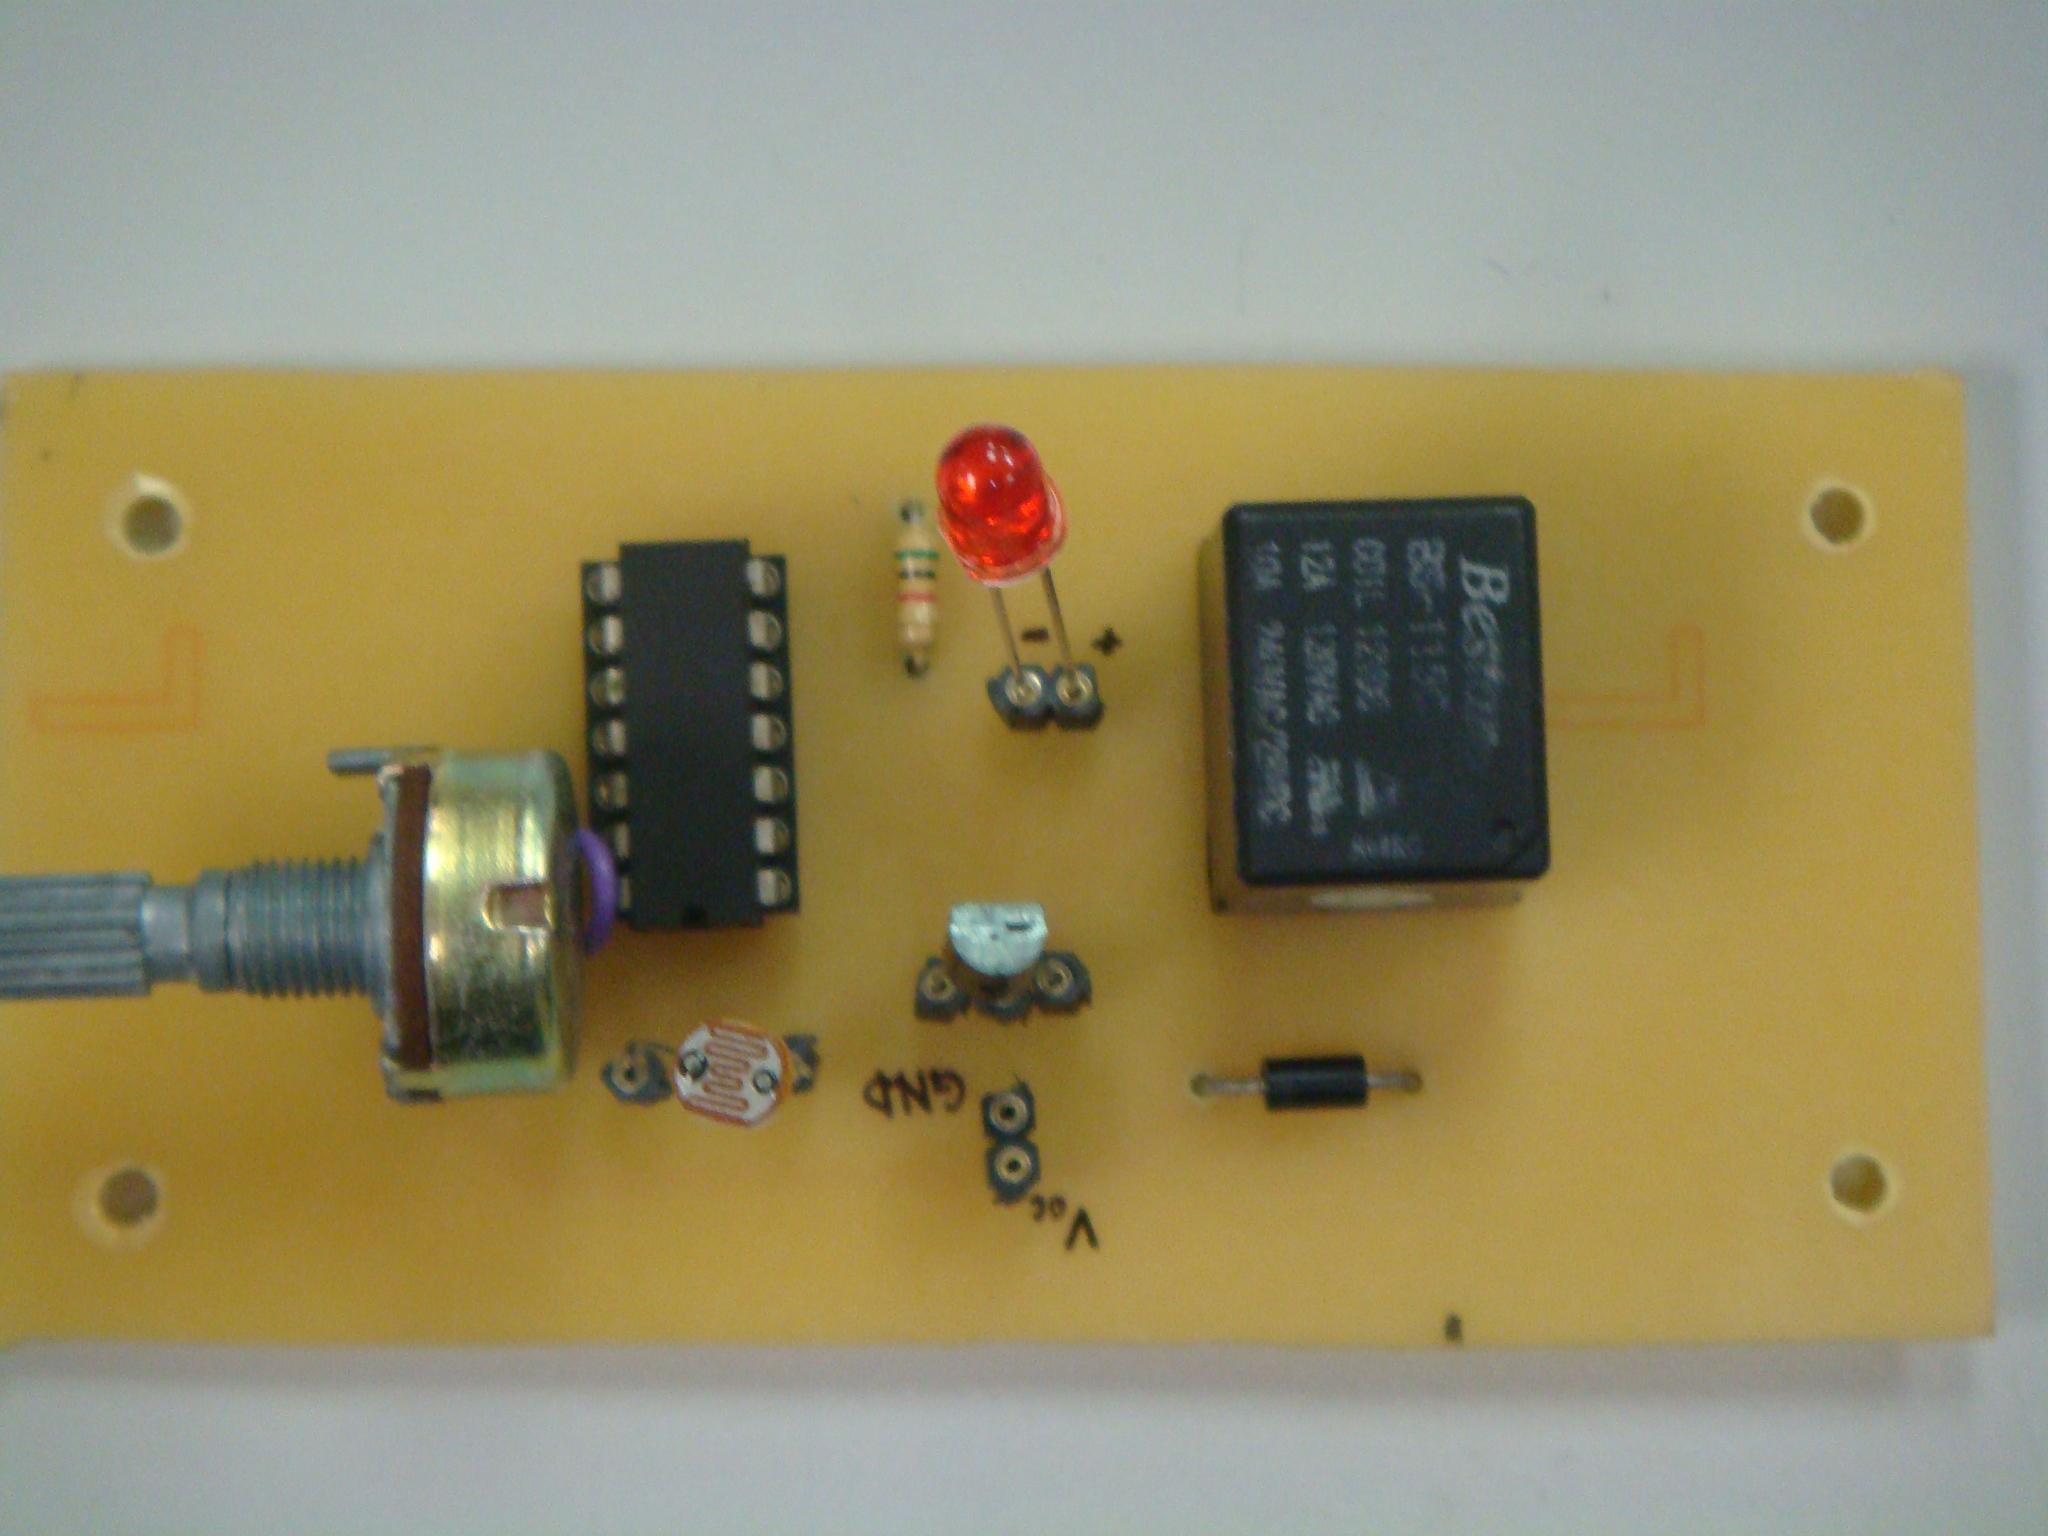 照明功能 利用光敏电阻感测光源明暗度,当感测到亮度变暗时,电灯可以